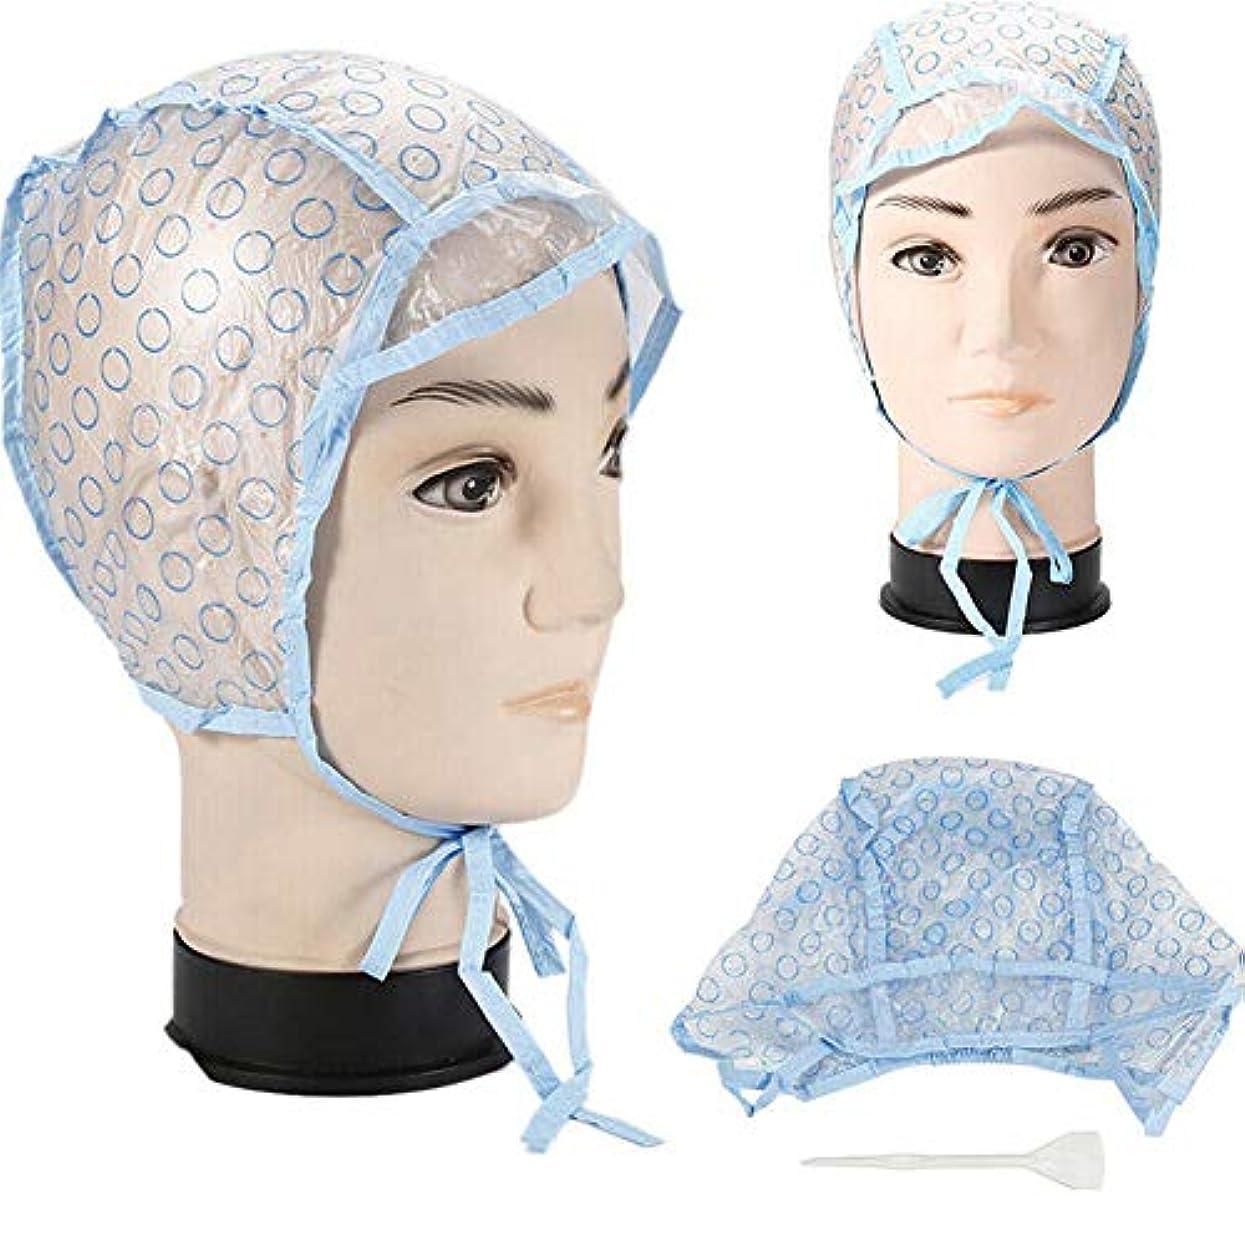 注入読書をするパイント強調表示キャップ、ホームサロンの使用のためのプラスチック製のフック付き使い捨て髪強調表示サロン髪の着色染料キャップ